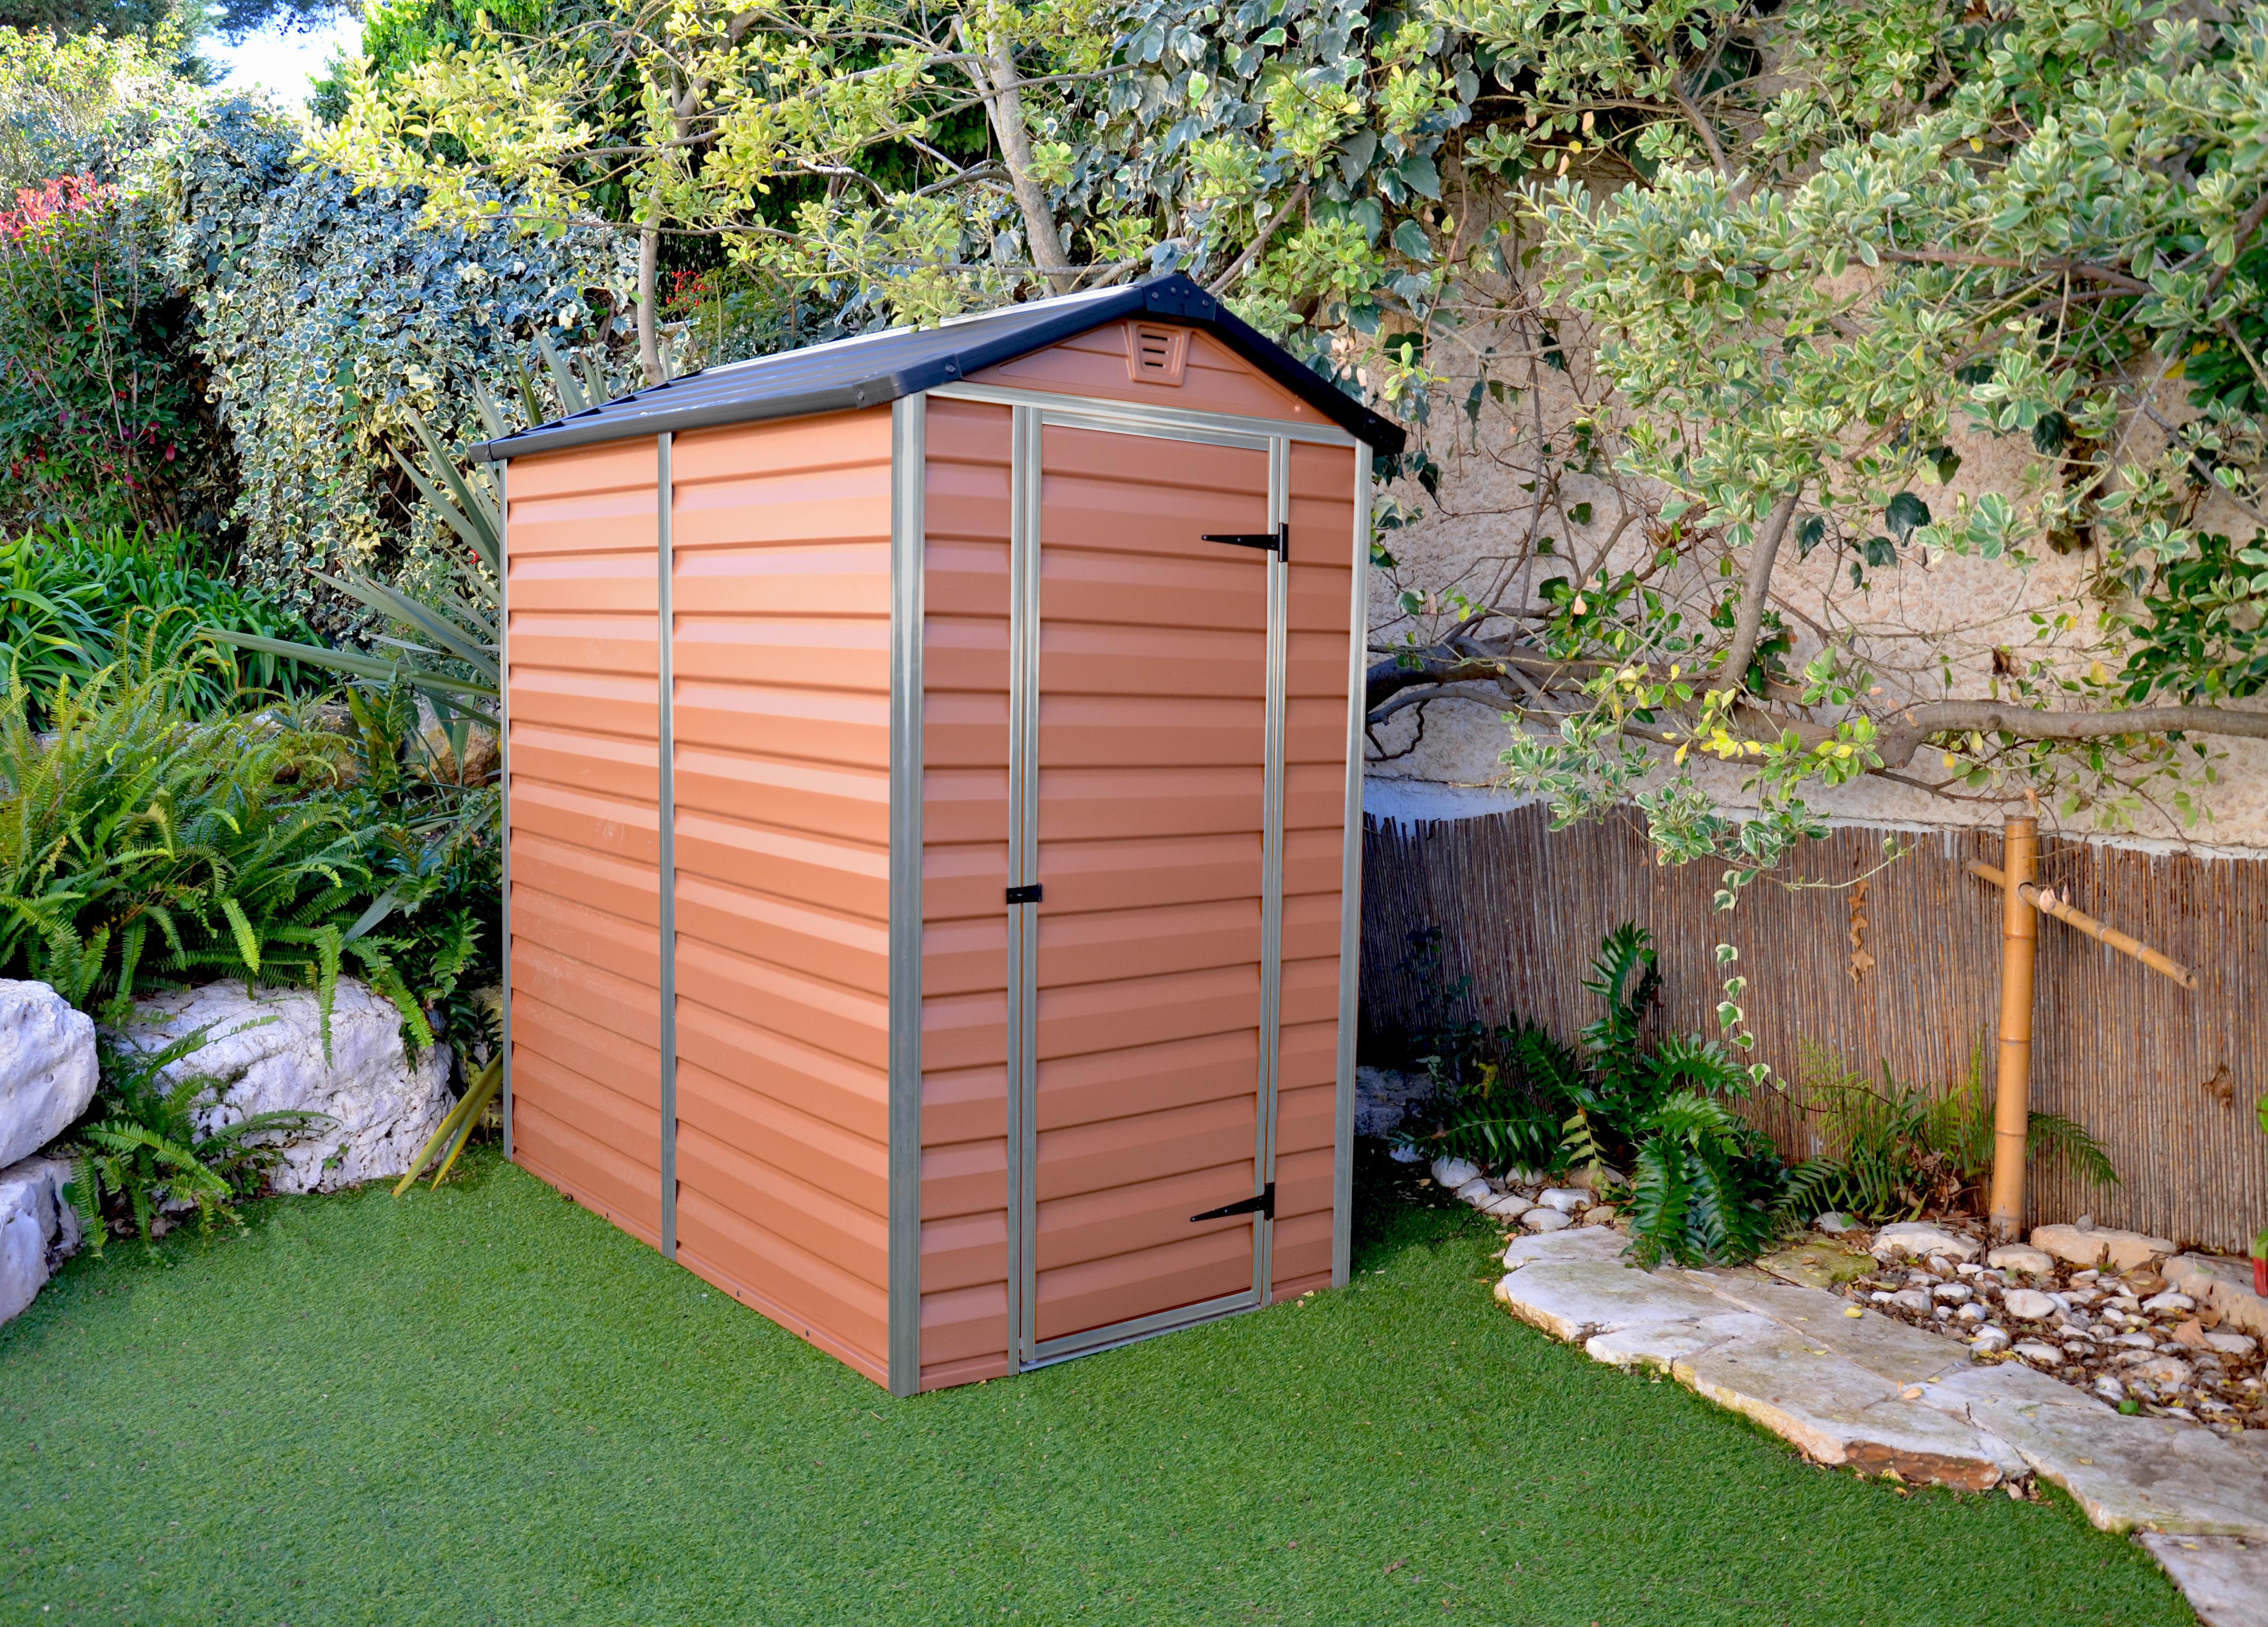 zahradní domek Palram Skylight 4x6 hnědý